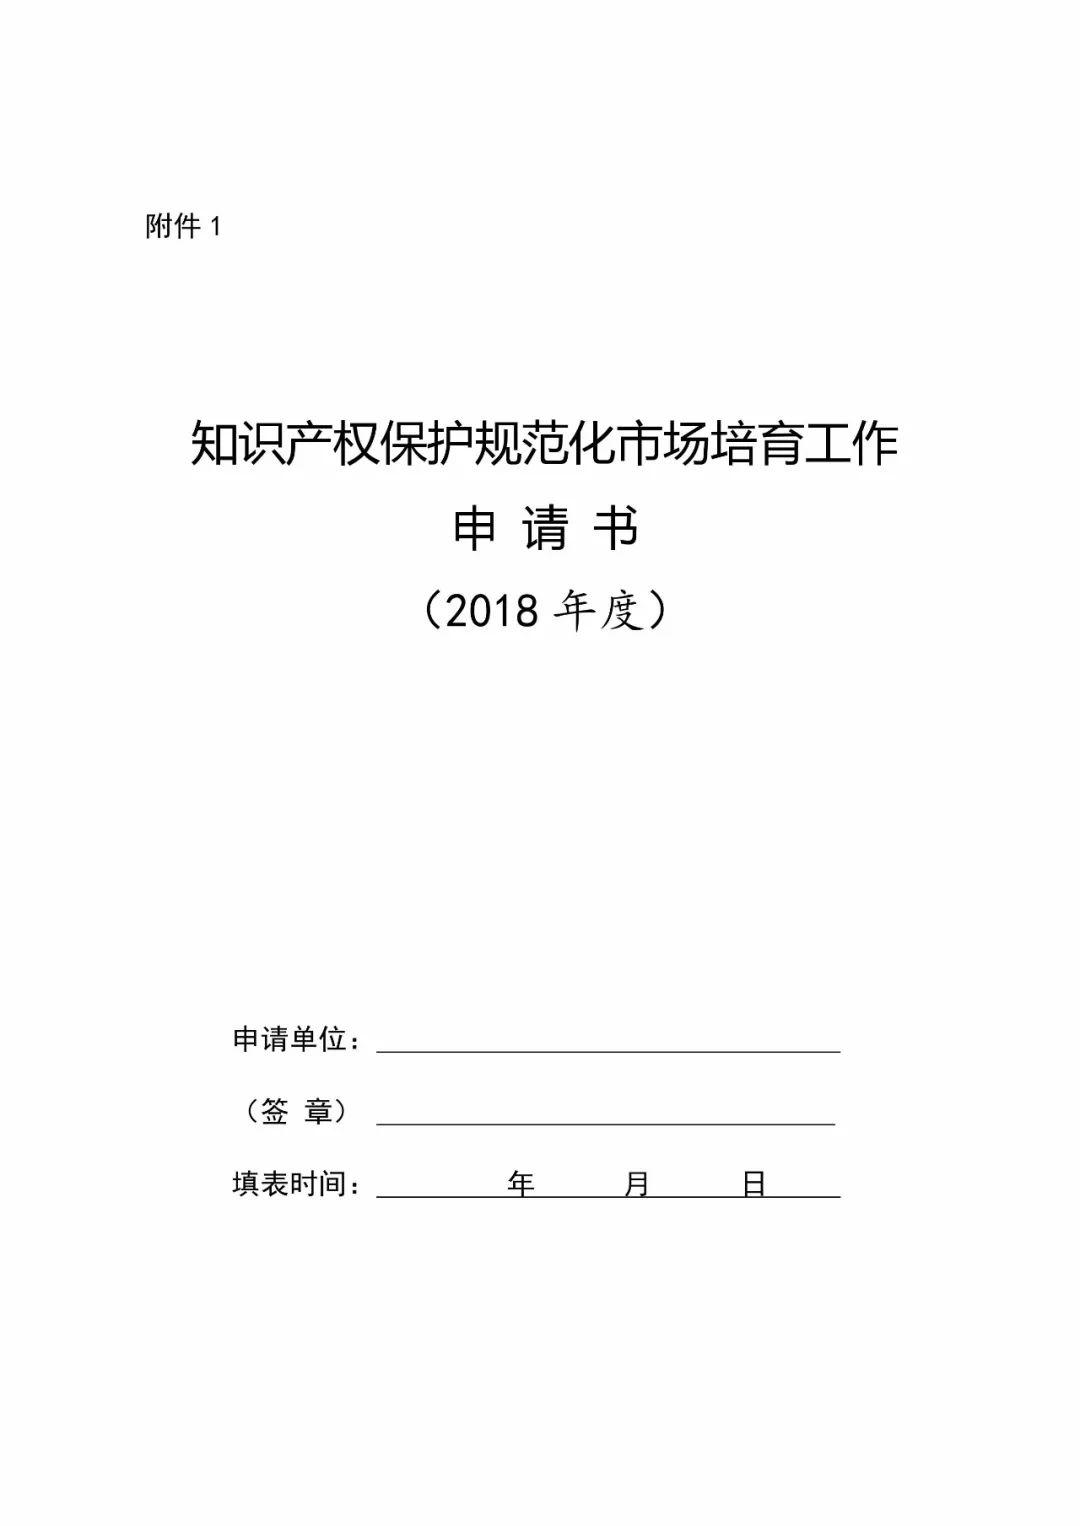 国知局:2018年「知识产权保护规范化培育市场」遴选申报工作